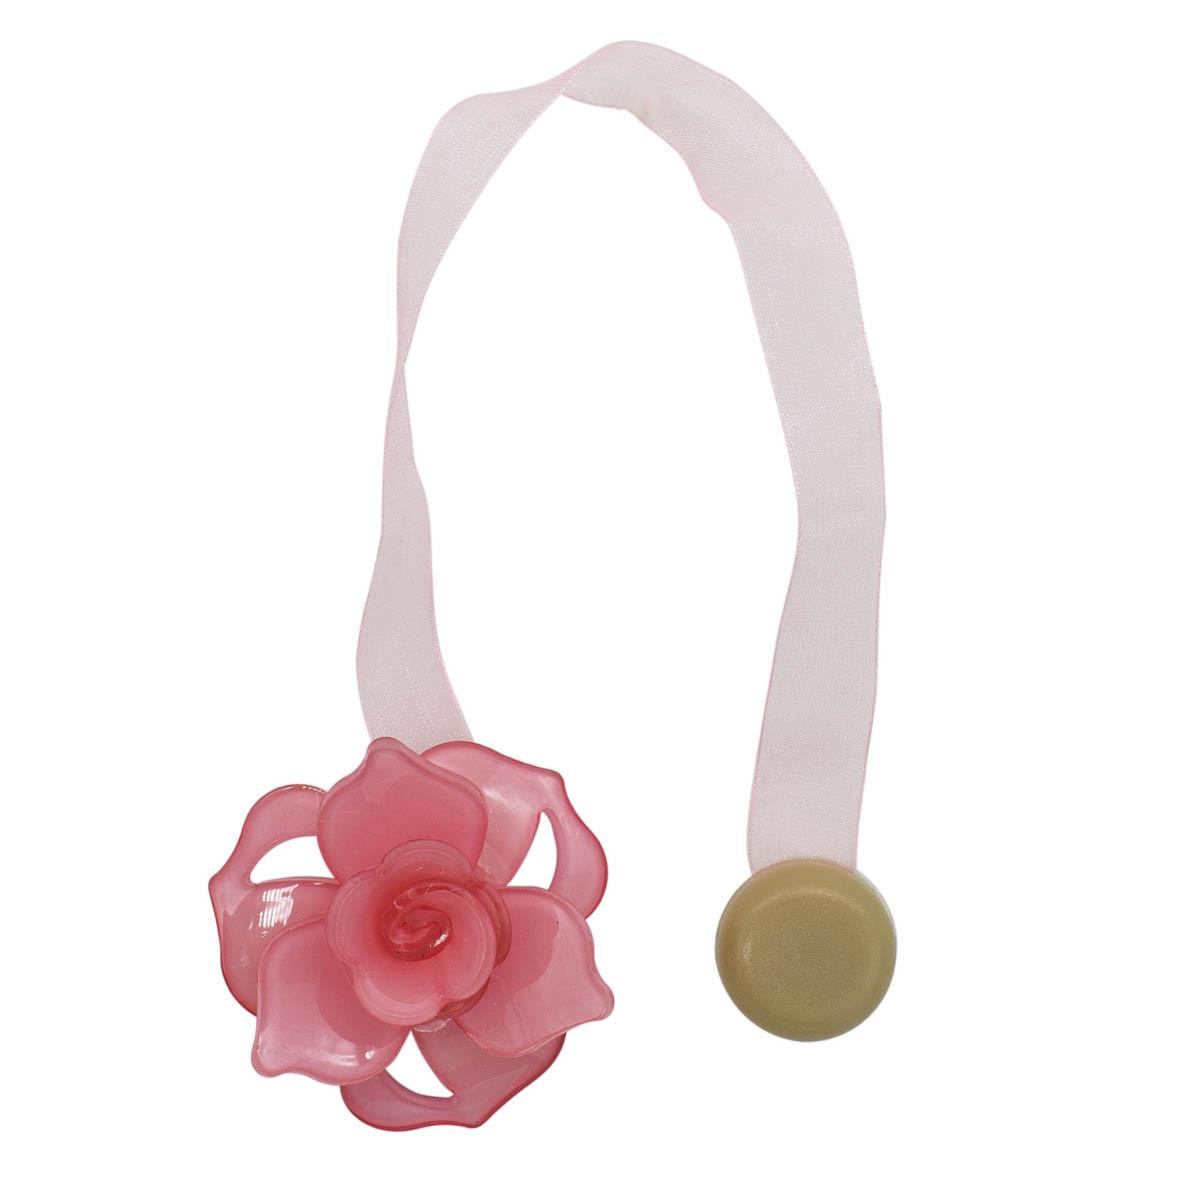 Клипса-магнит PL04 для штор (7 розовый)